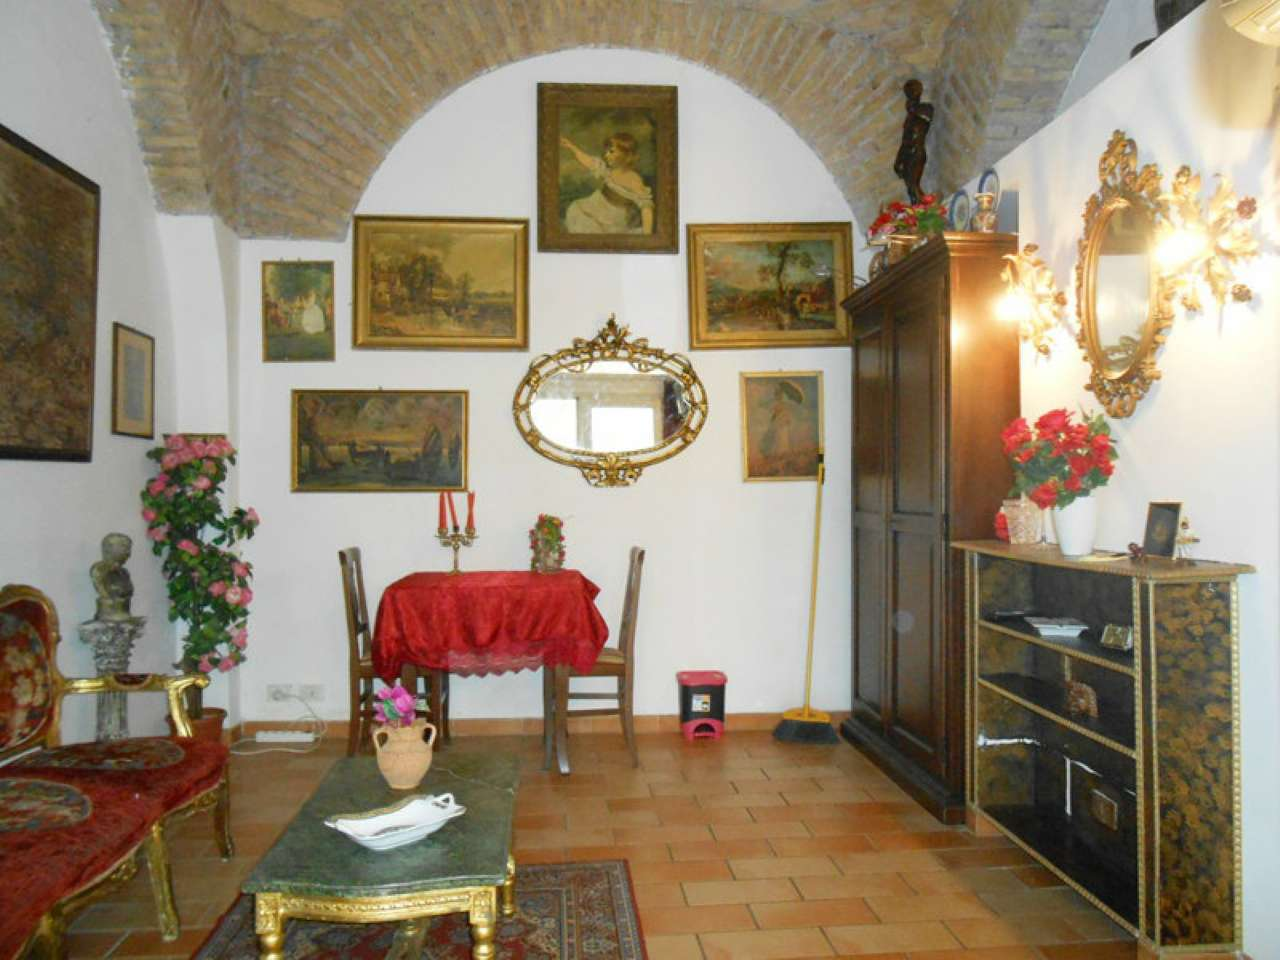 Appartamento in vendita a Roma, 2 locali, zona Zona: 25 . Trastevere - Testaccio, prezzo € 179.000 | CambioCasa.it